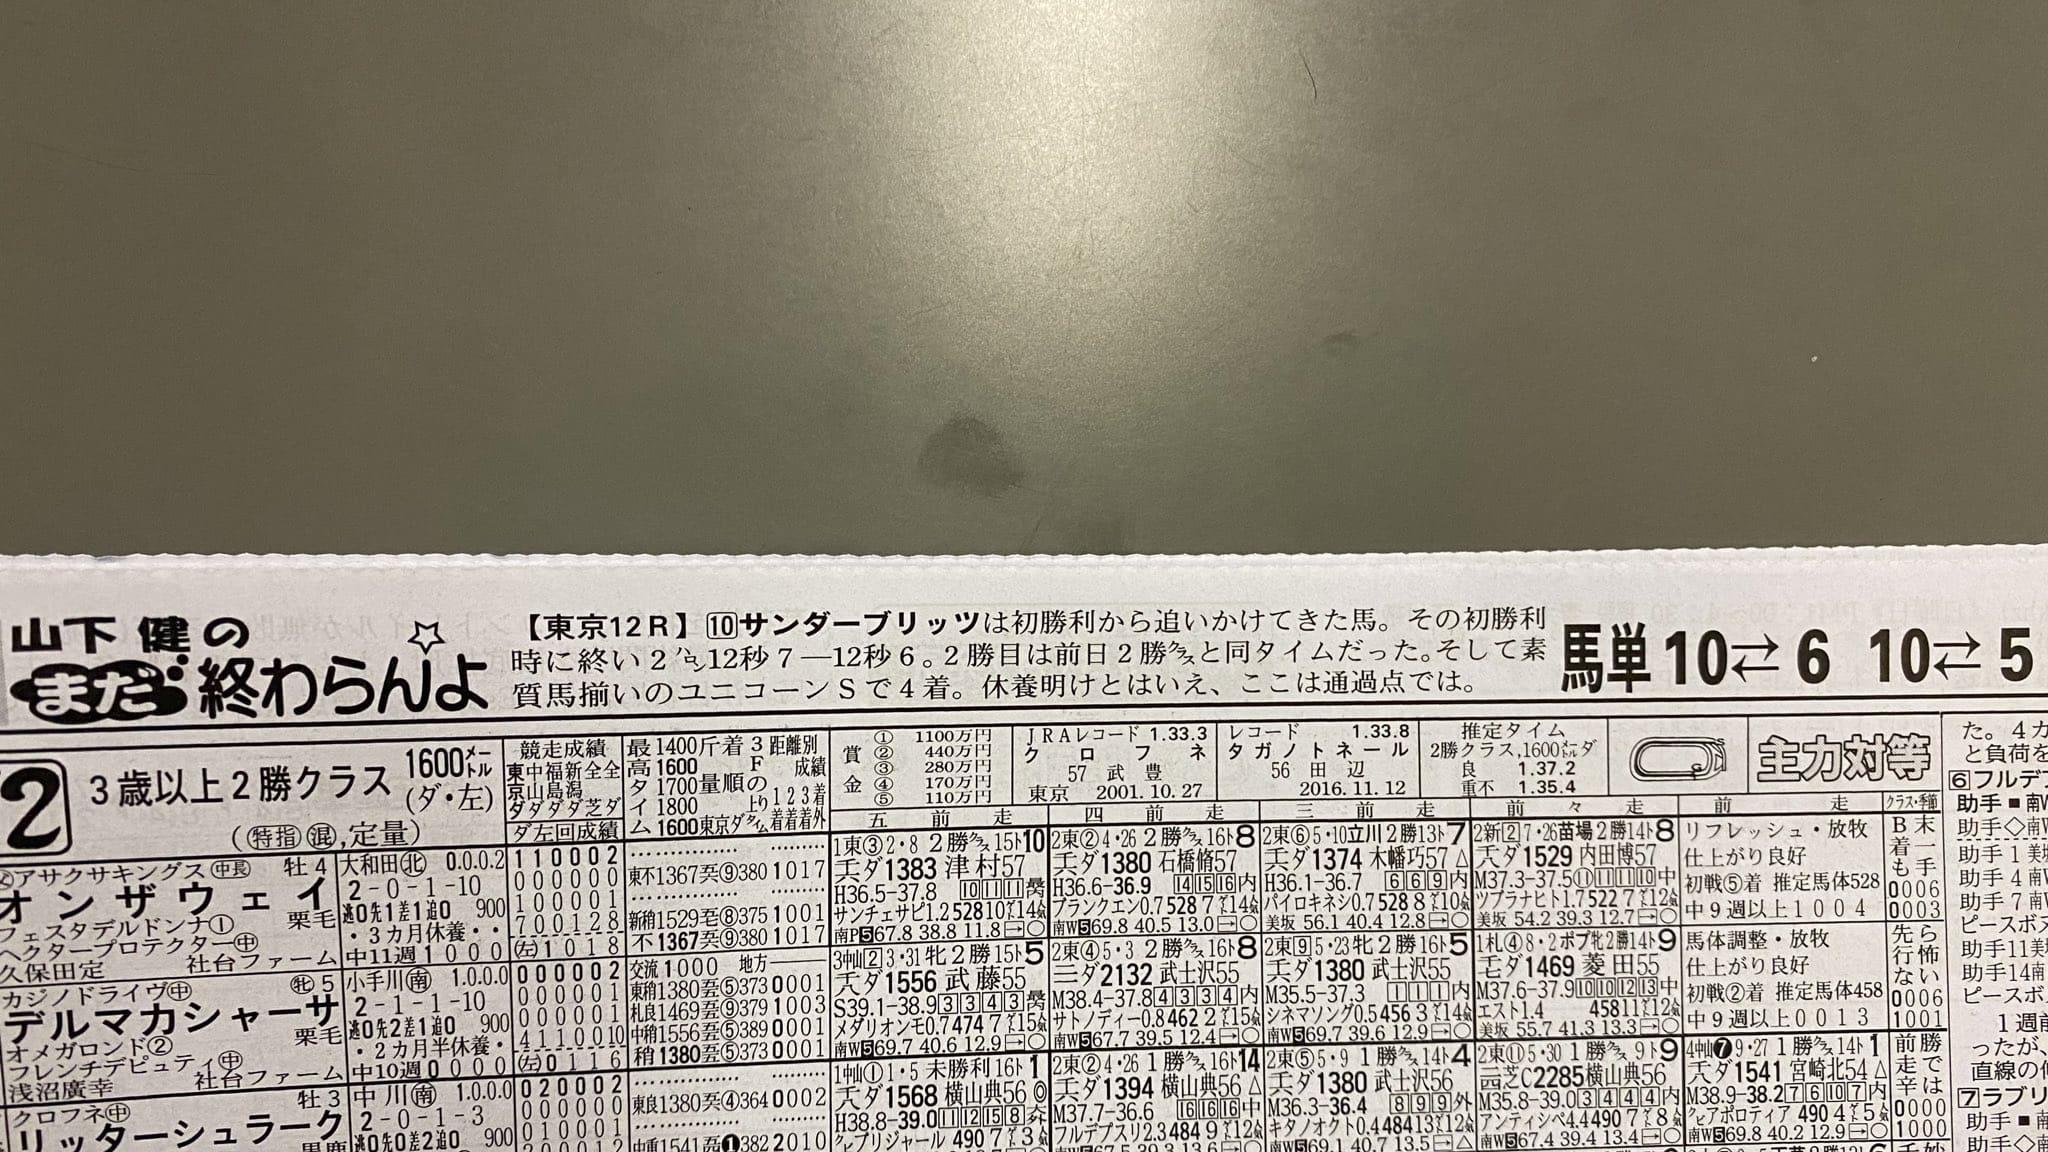 競馬ブック 競馬新聞